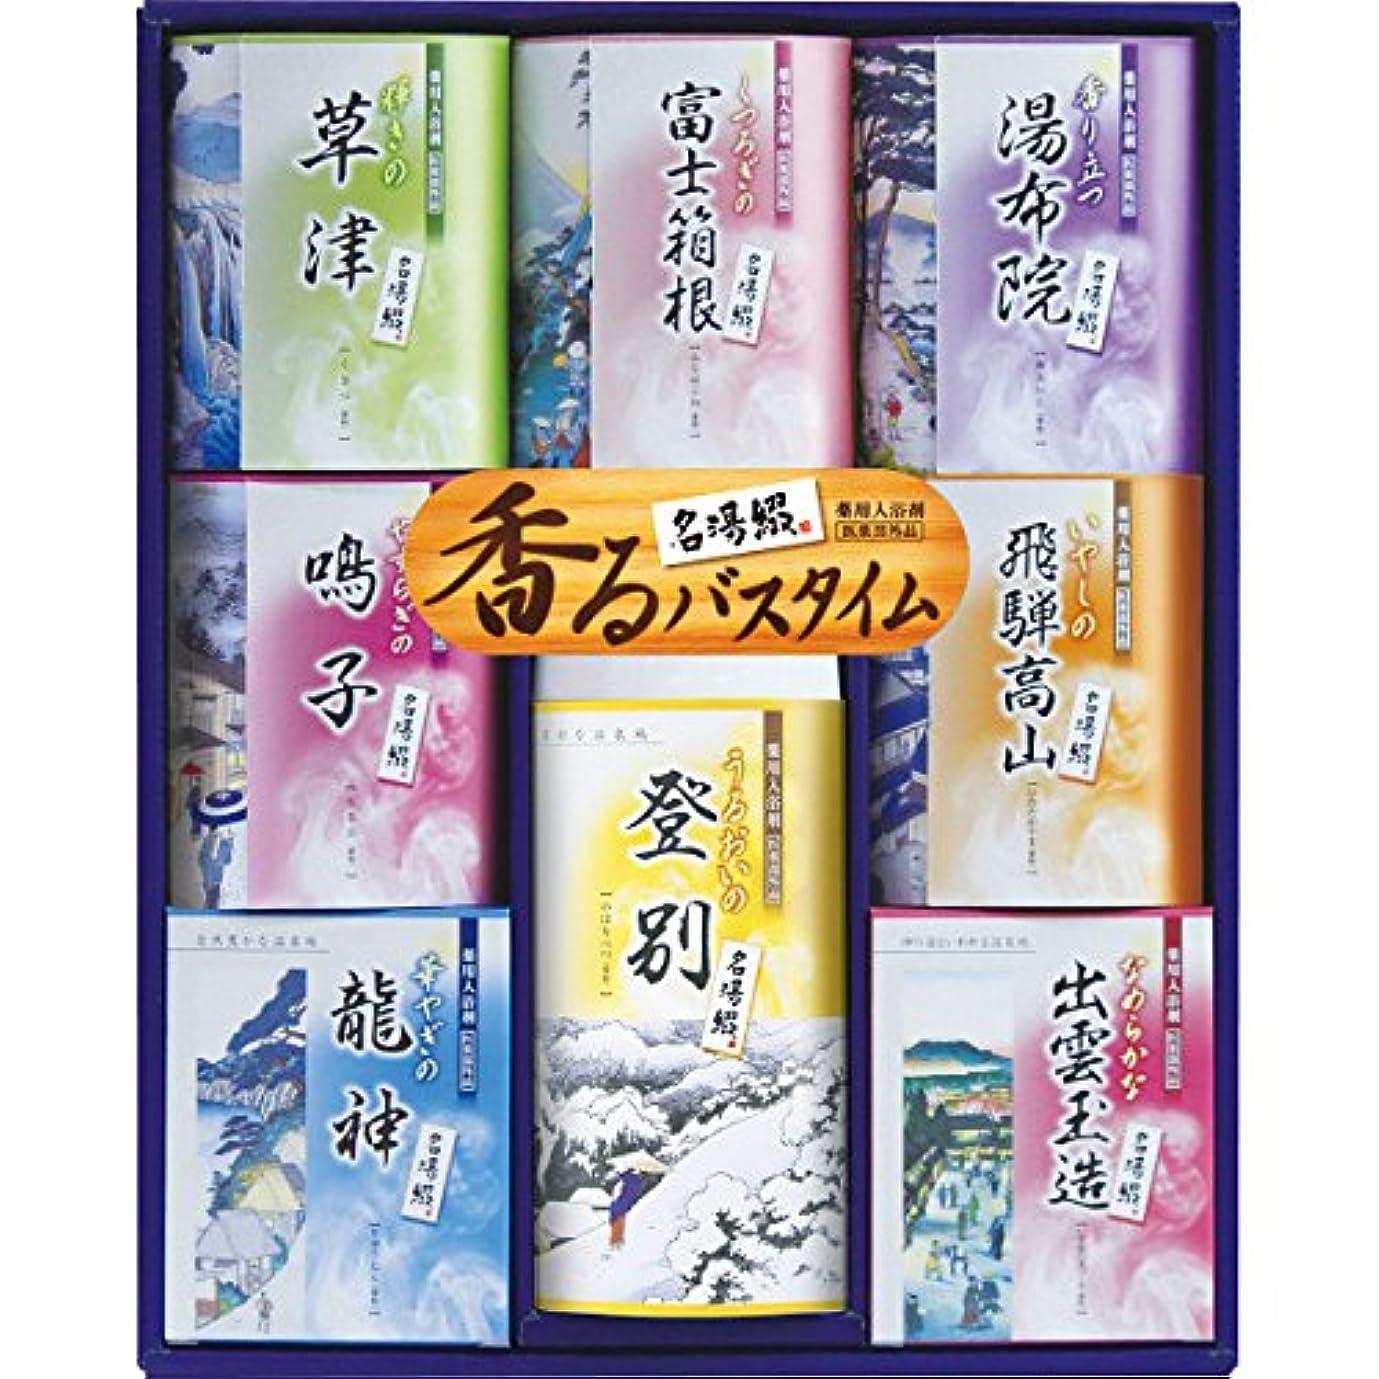 合意強盗叙情的な敬老の日 贈り物 名湯綴入浴剤セット(SD)